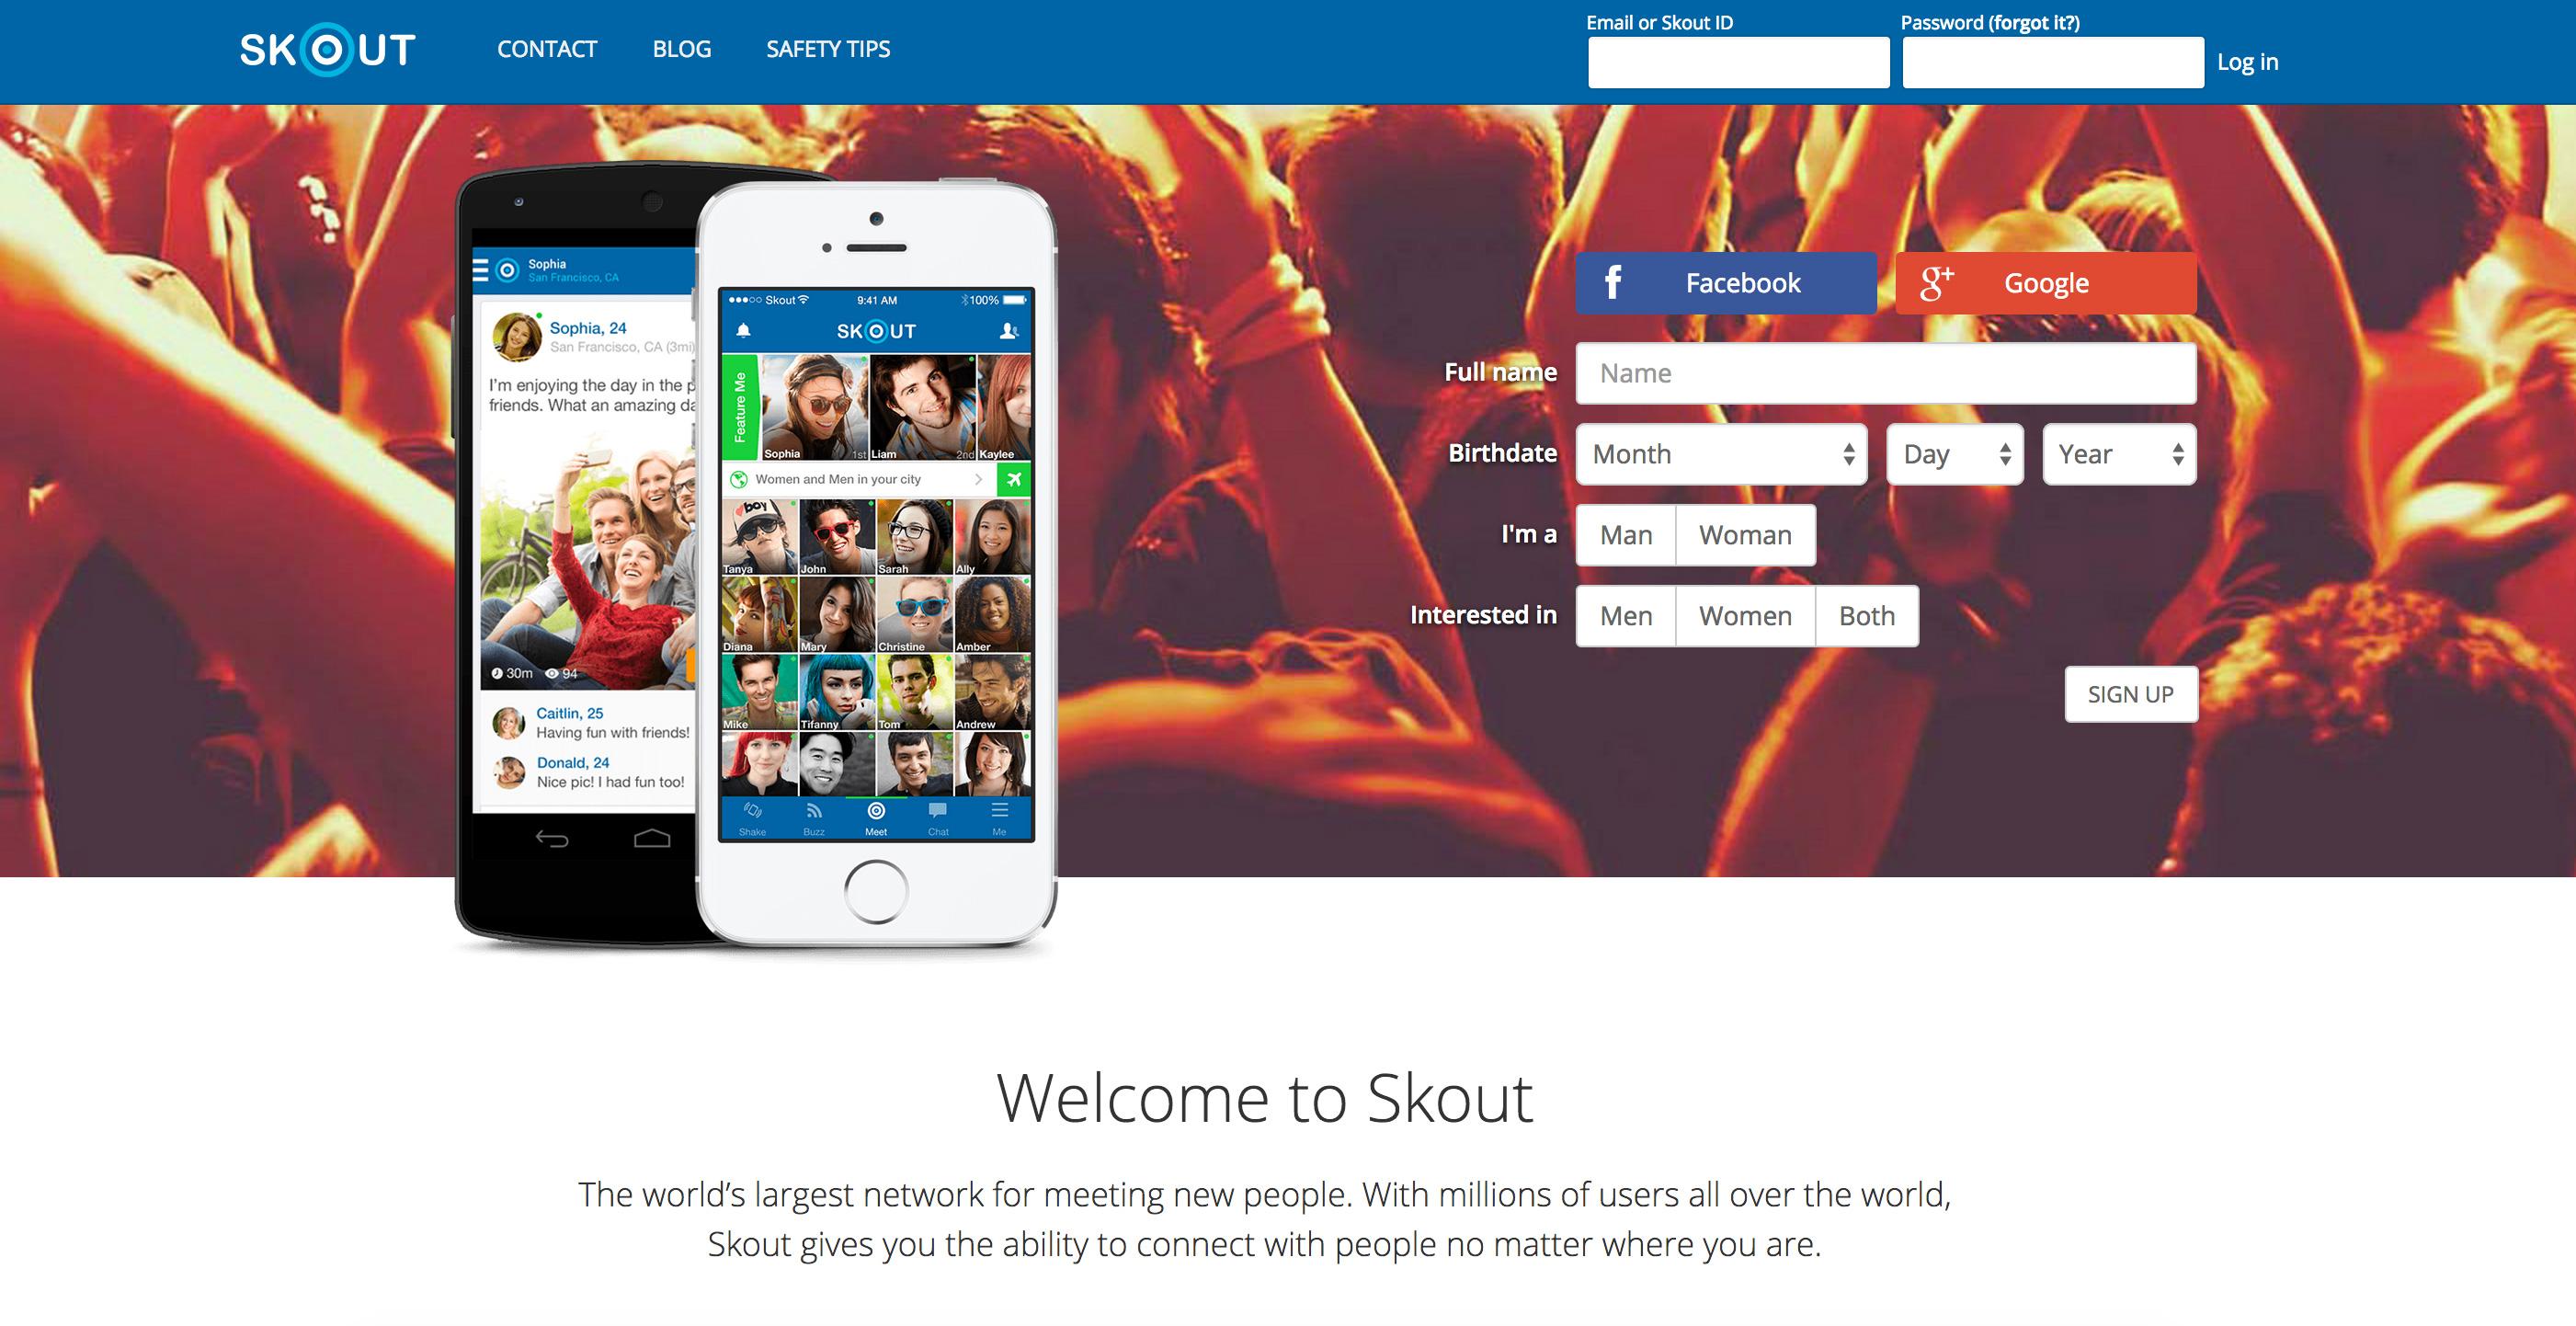 Skout Sign Up - accountdesk.net